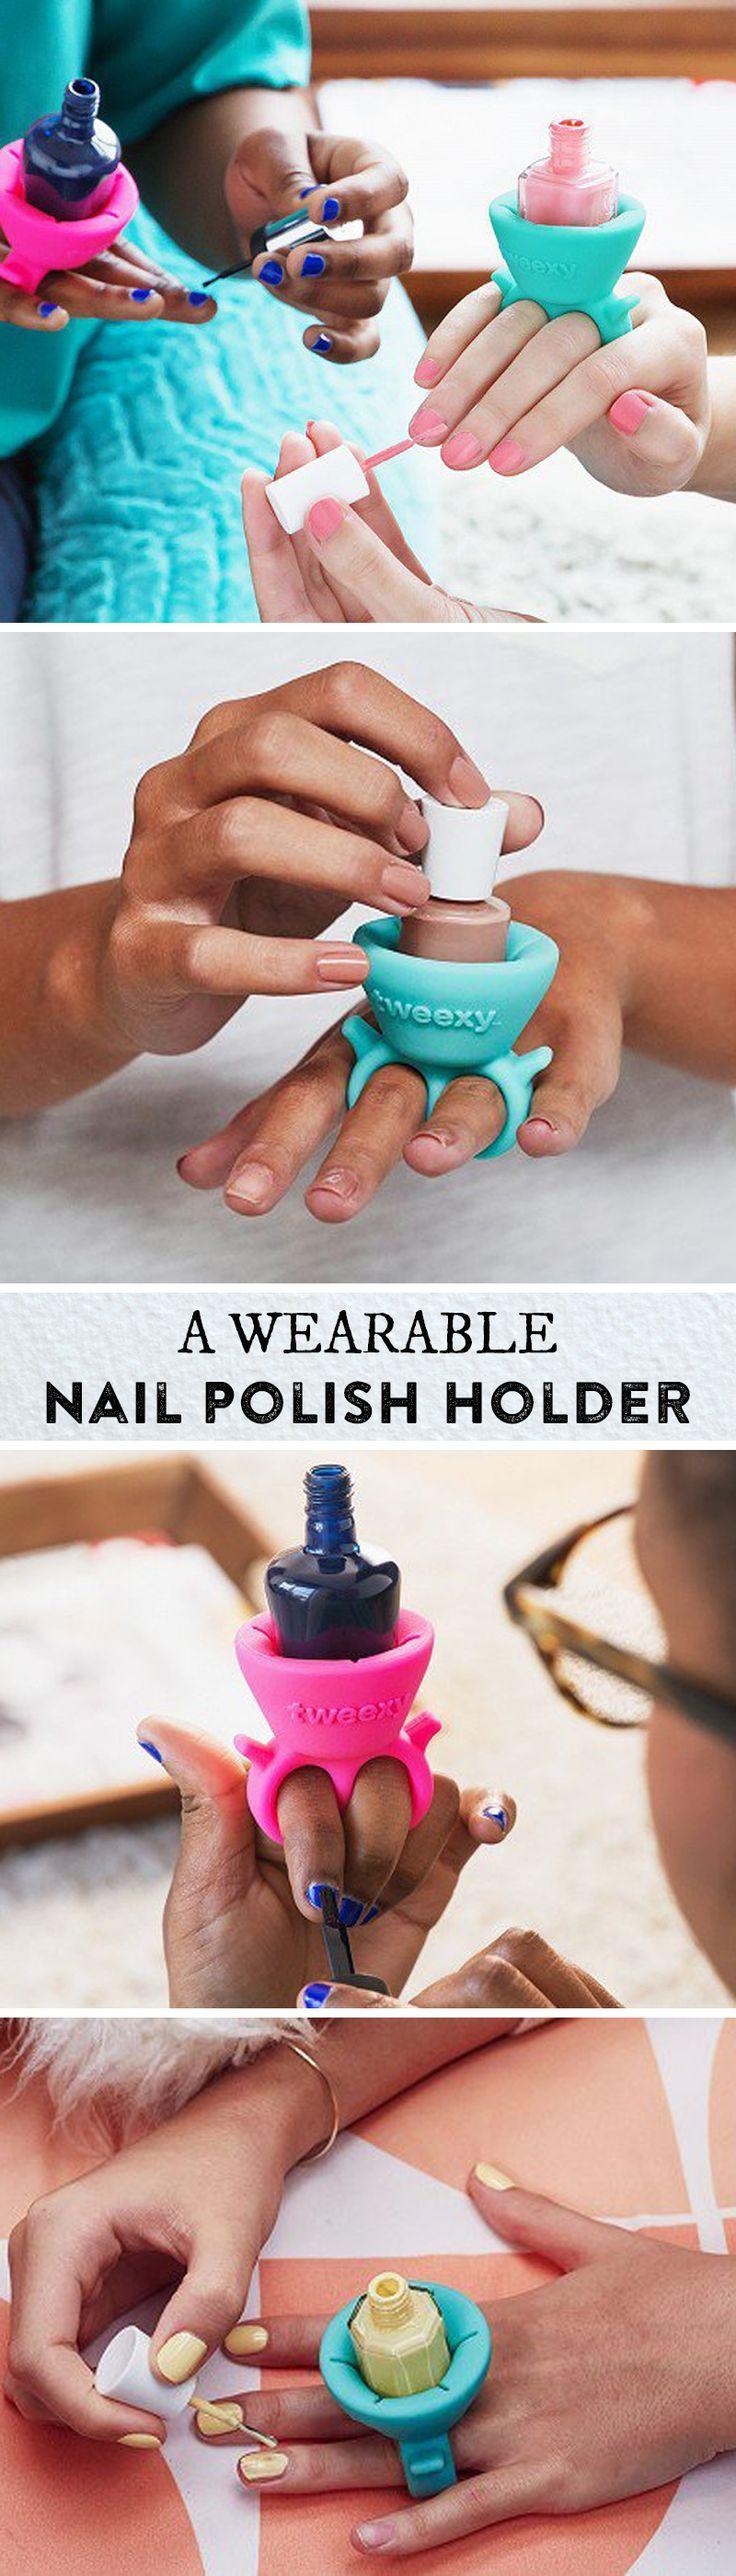 Astuce pour les ongles